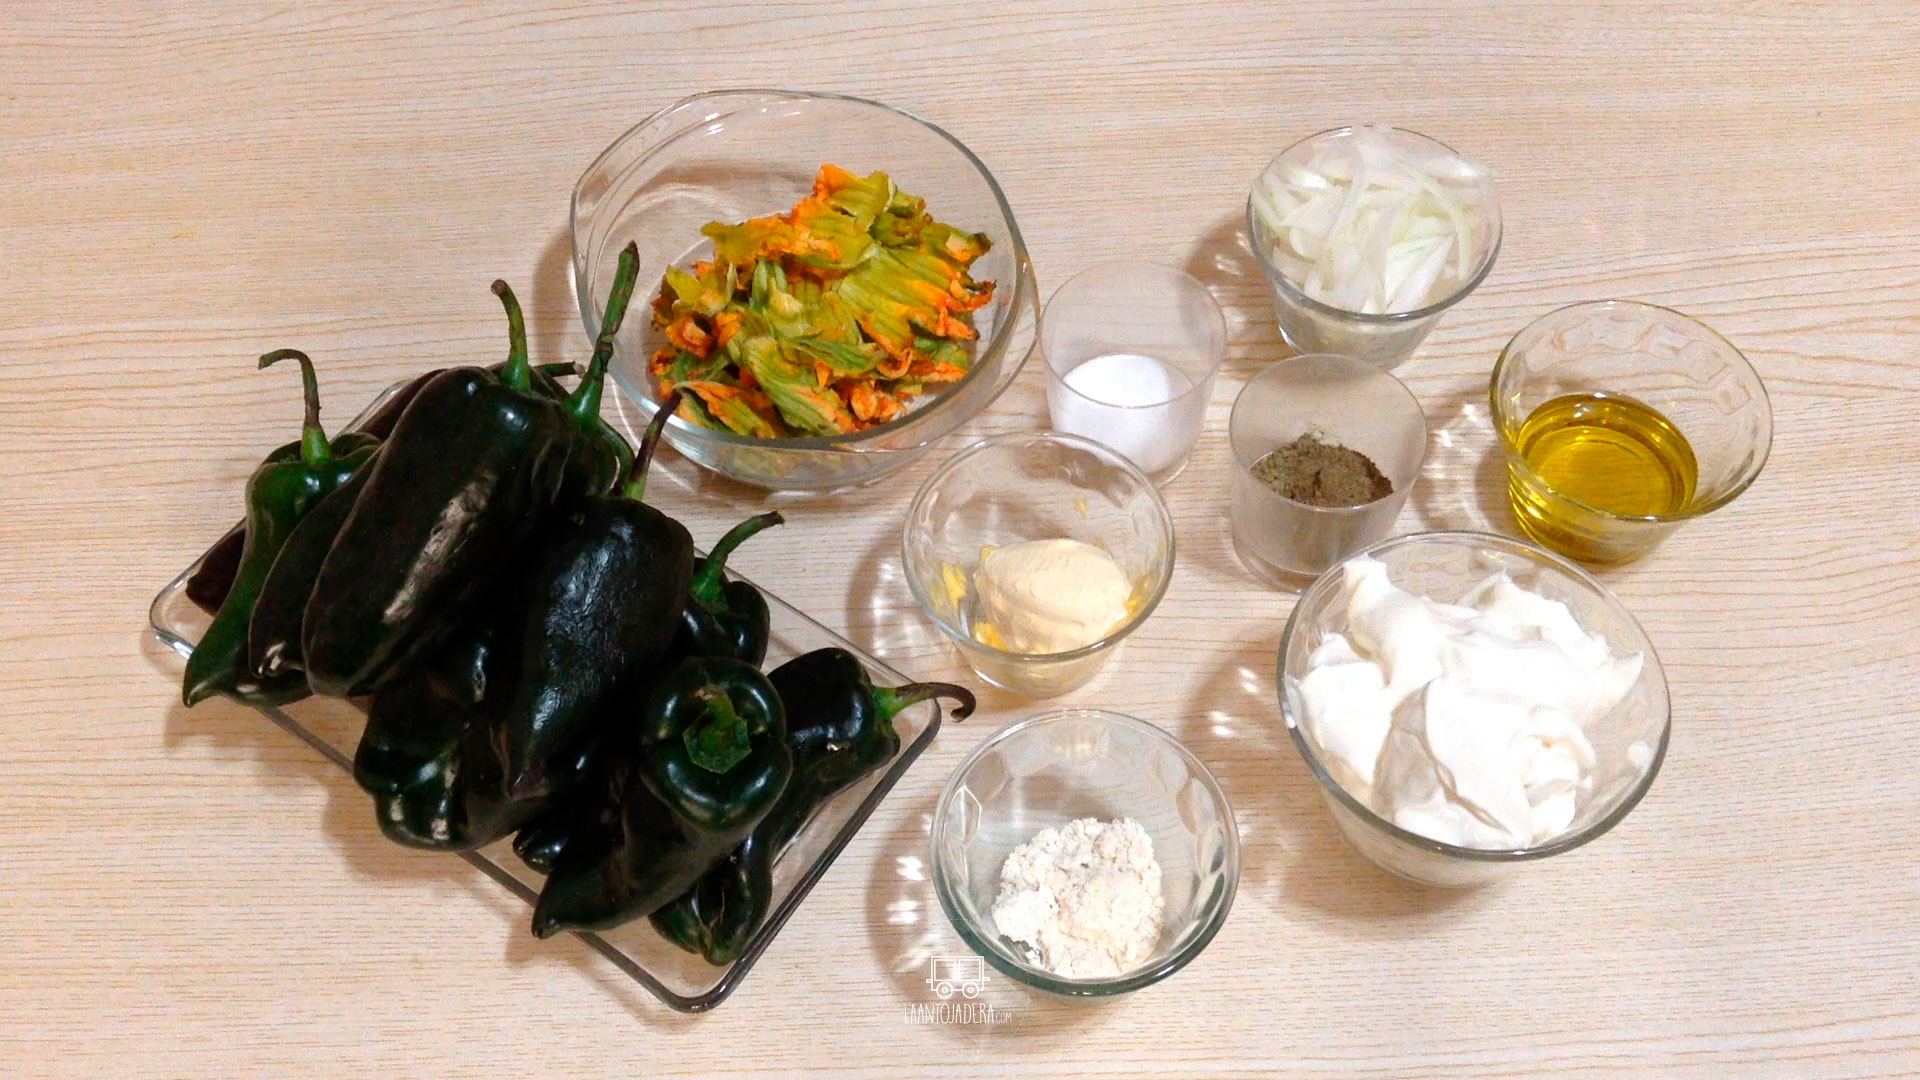 La Antojadera | Rajas con Crema y Flor de Calabaza